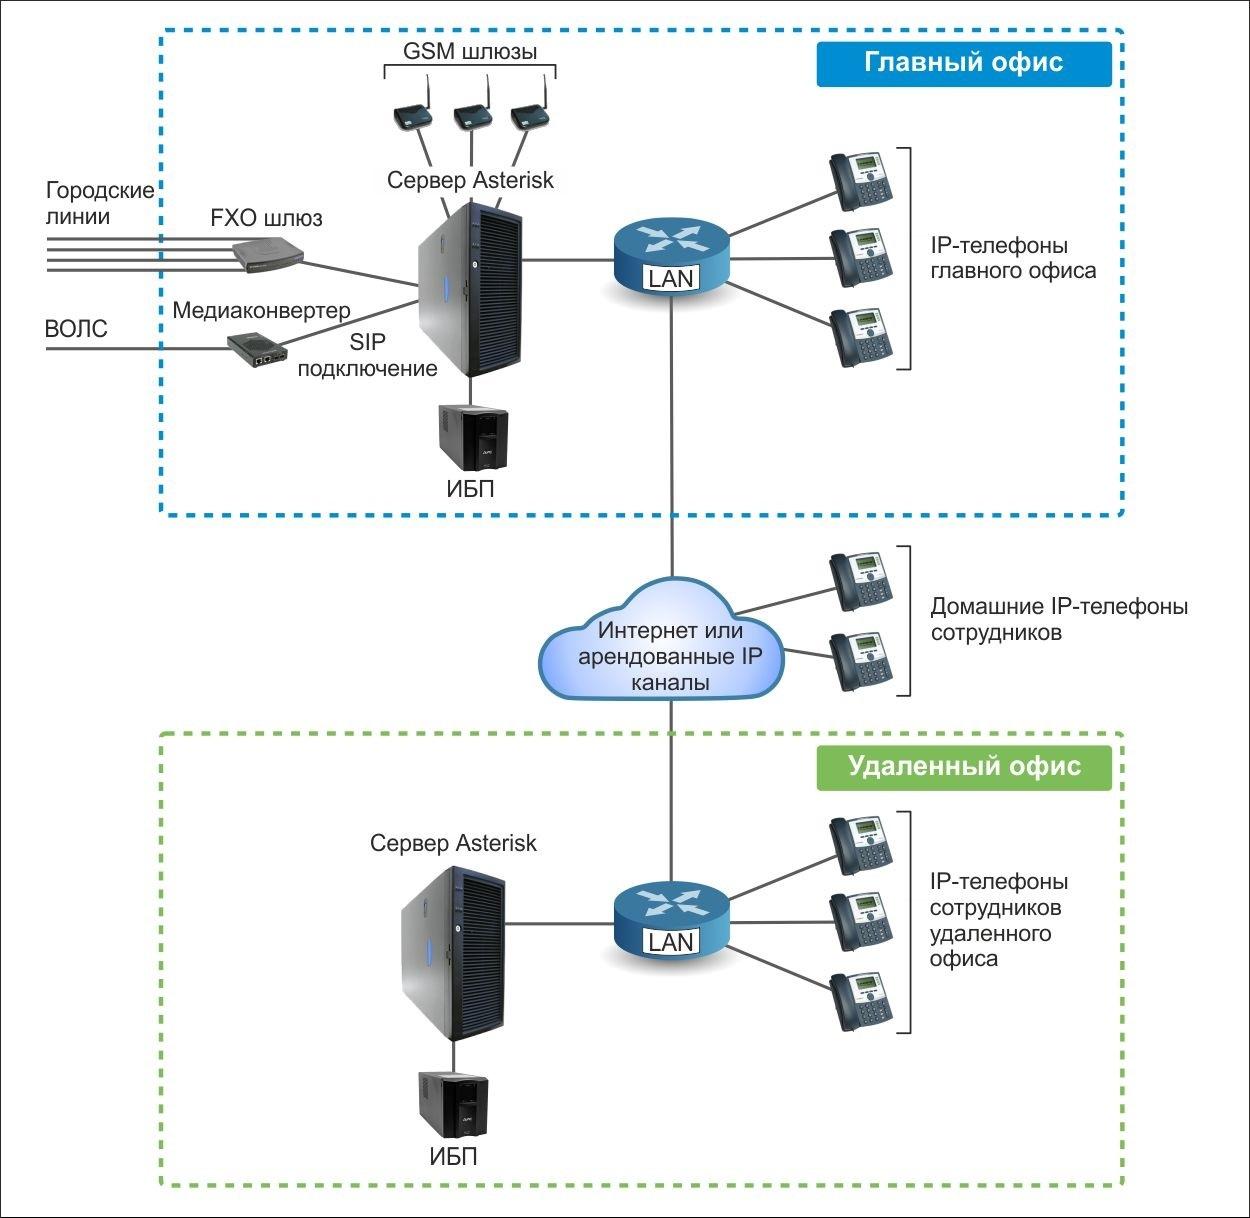 Схема организации связи предприятия